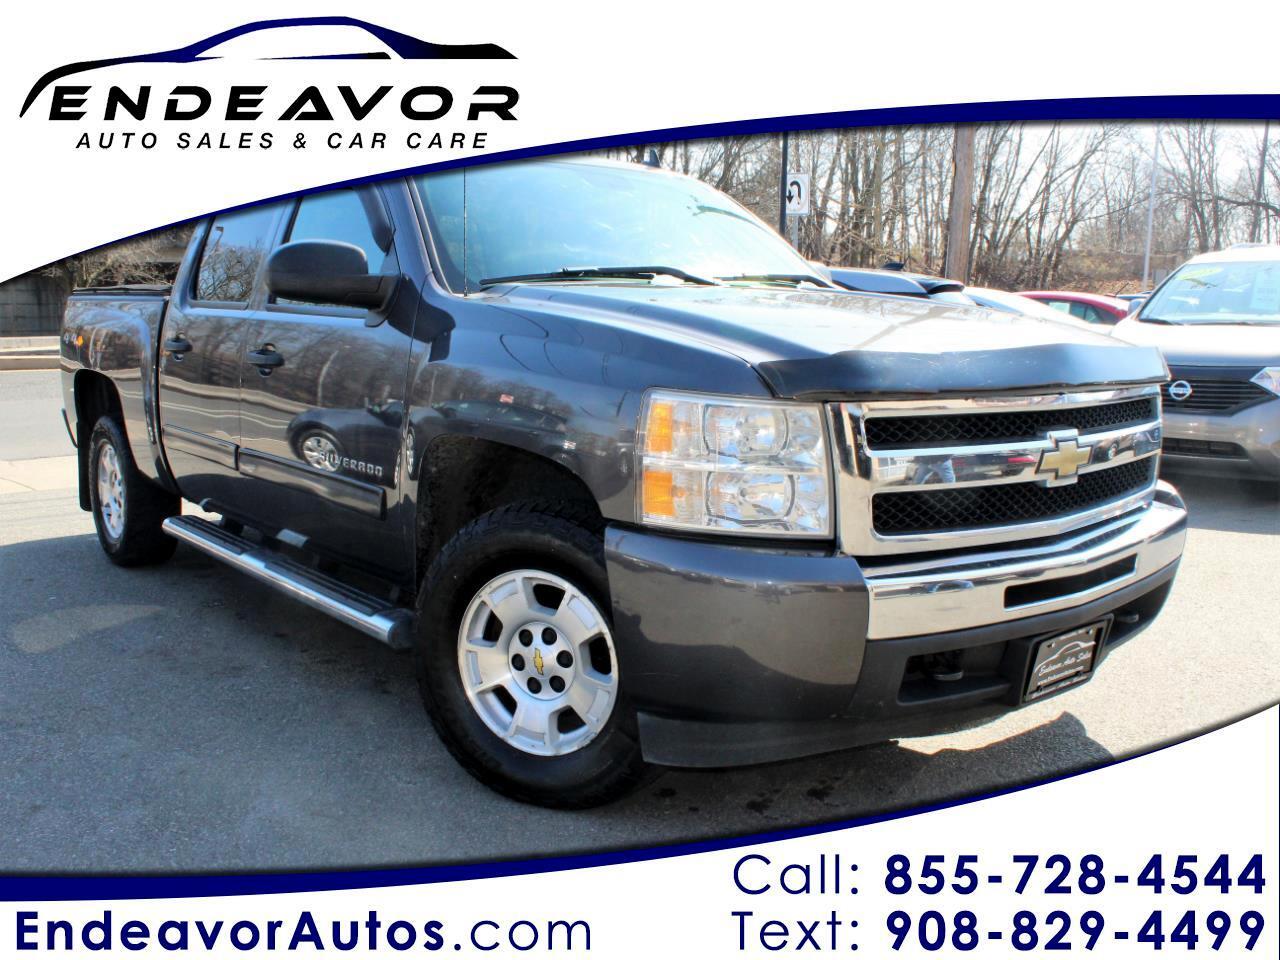 Chevrolet Silverado 1500 LT1 Crew Cab 4WD 2010